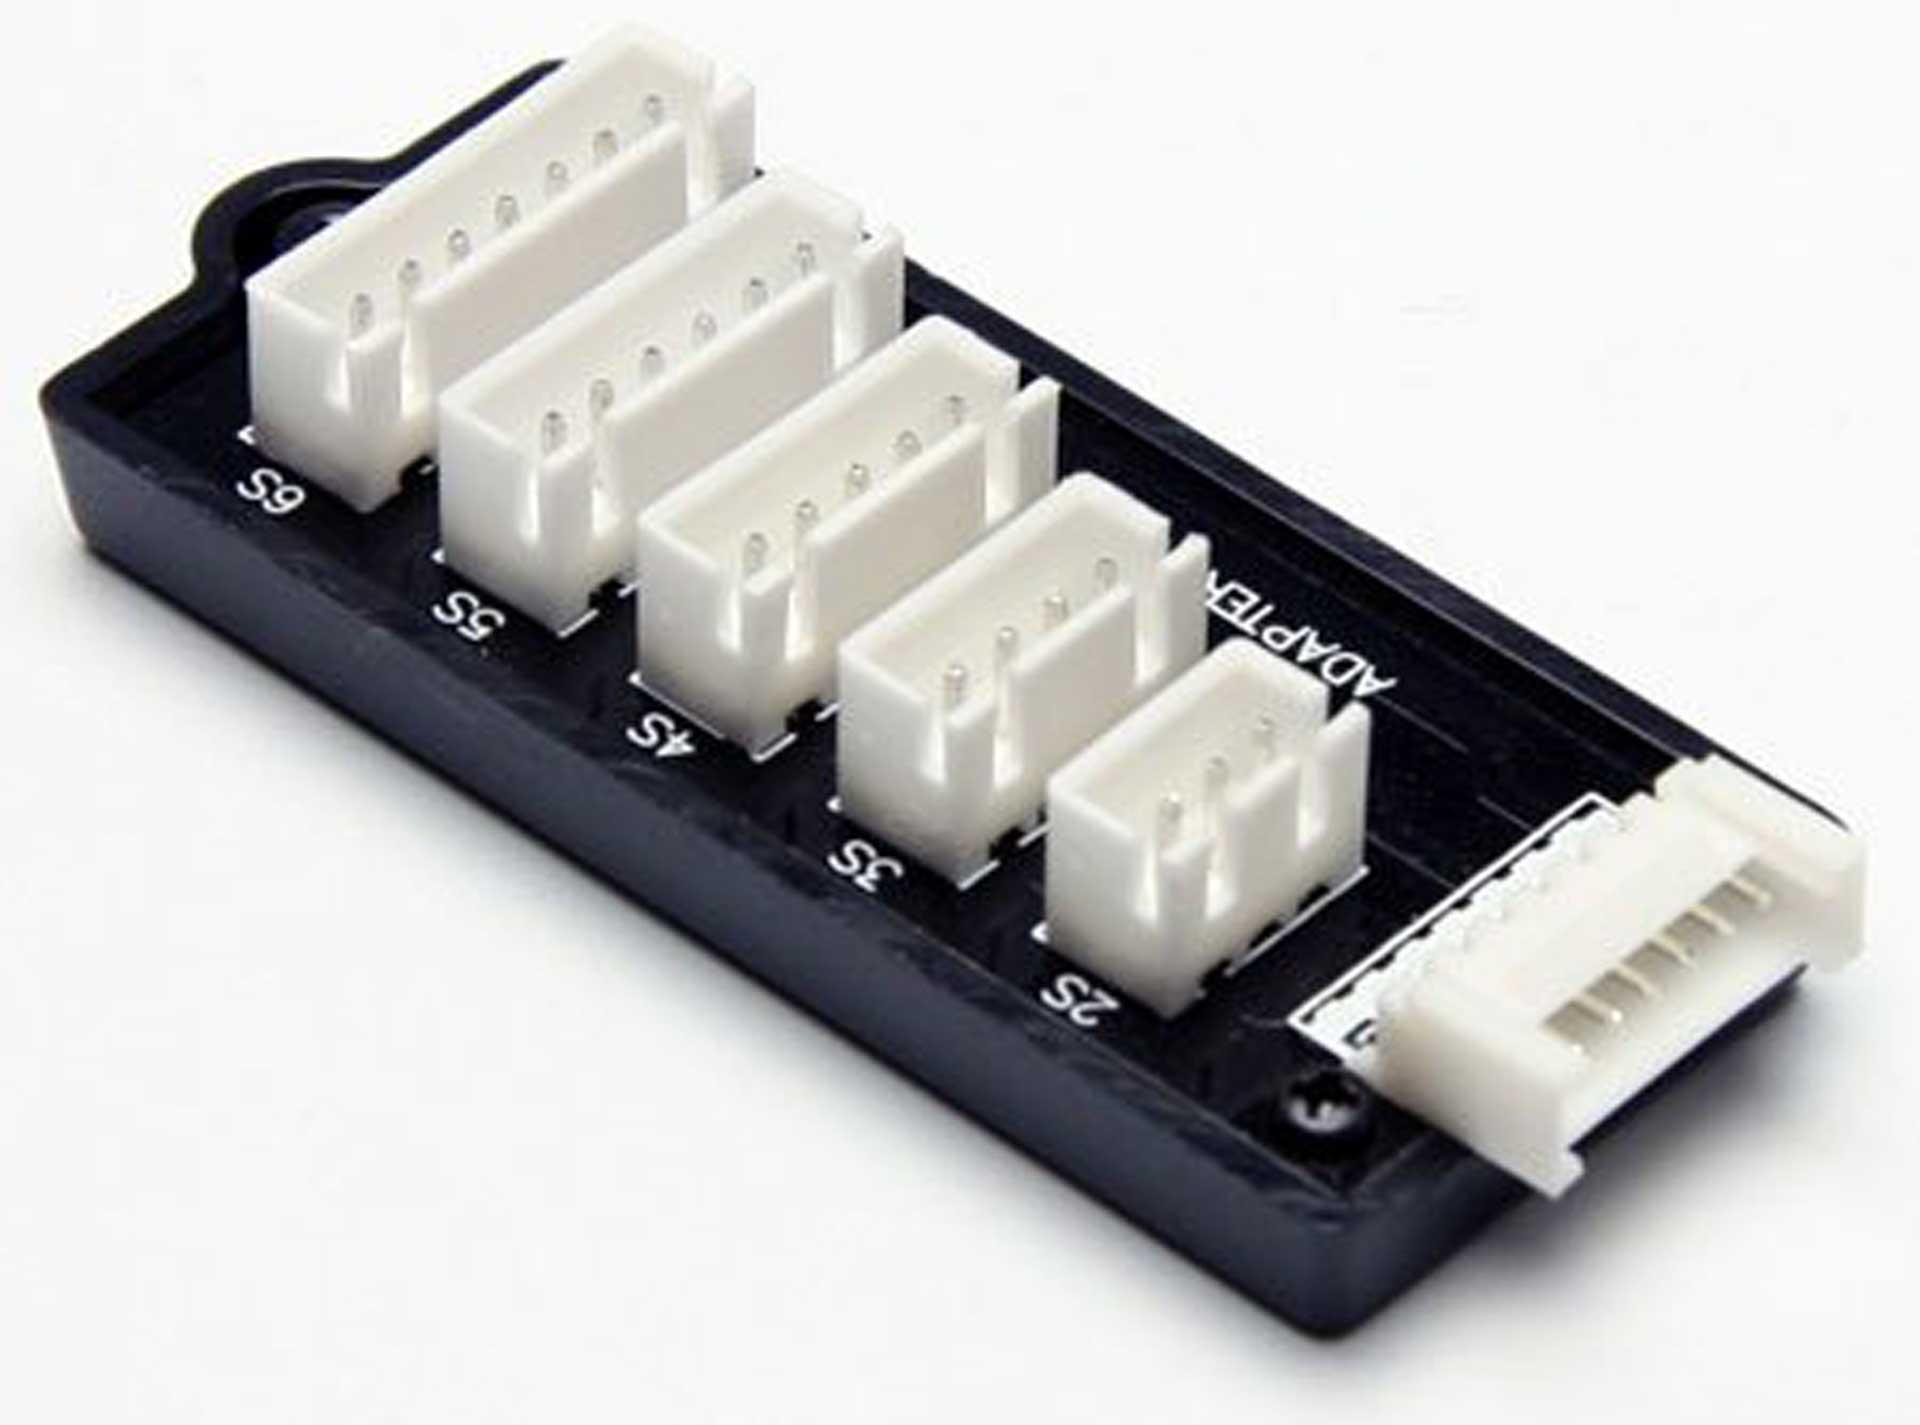 MODELLBAU LINDINGER Balancer Adapter XH